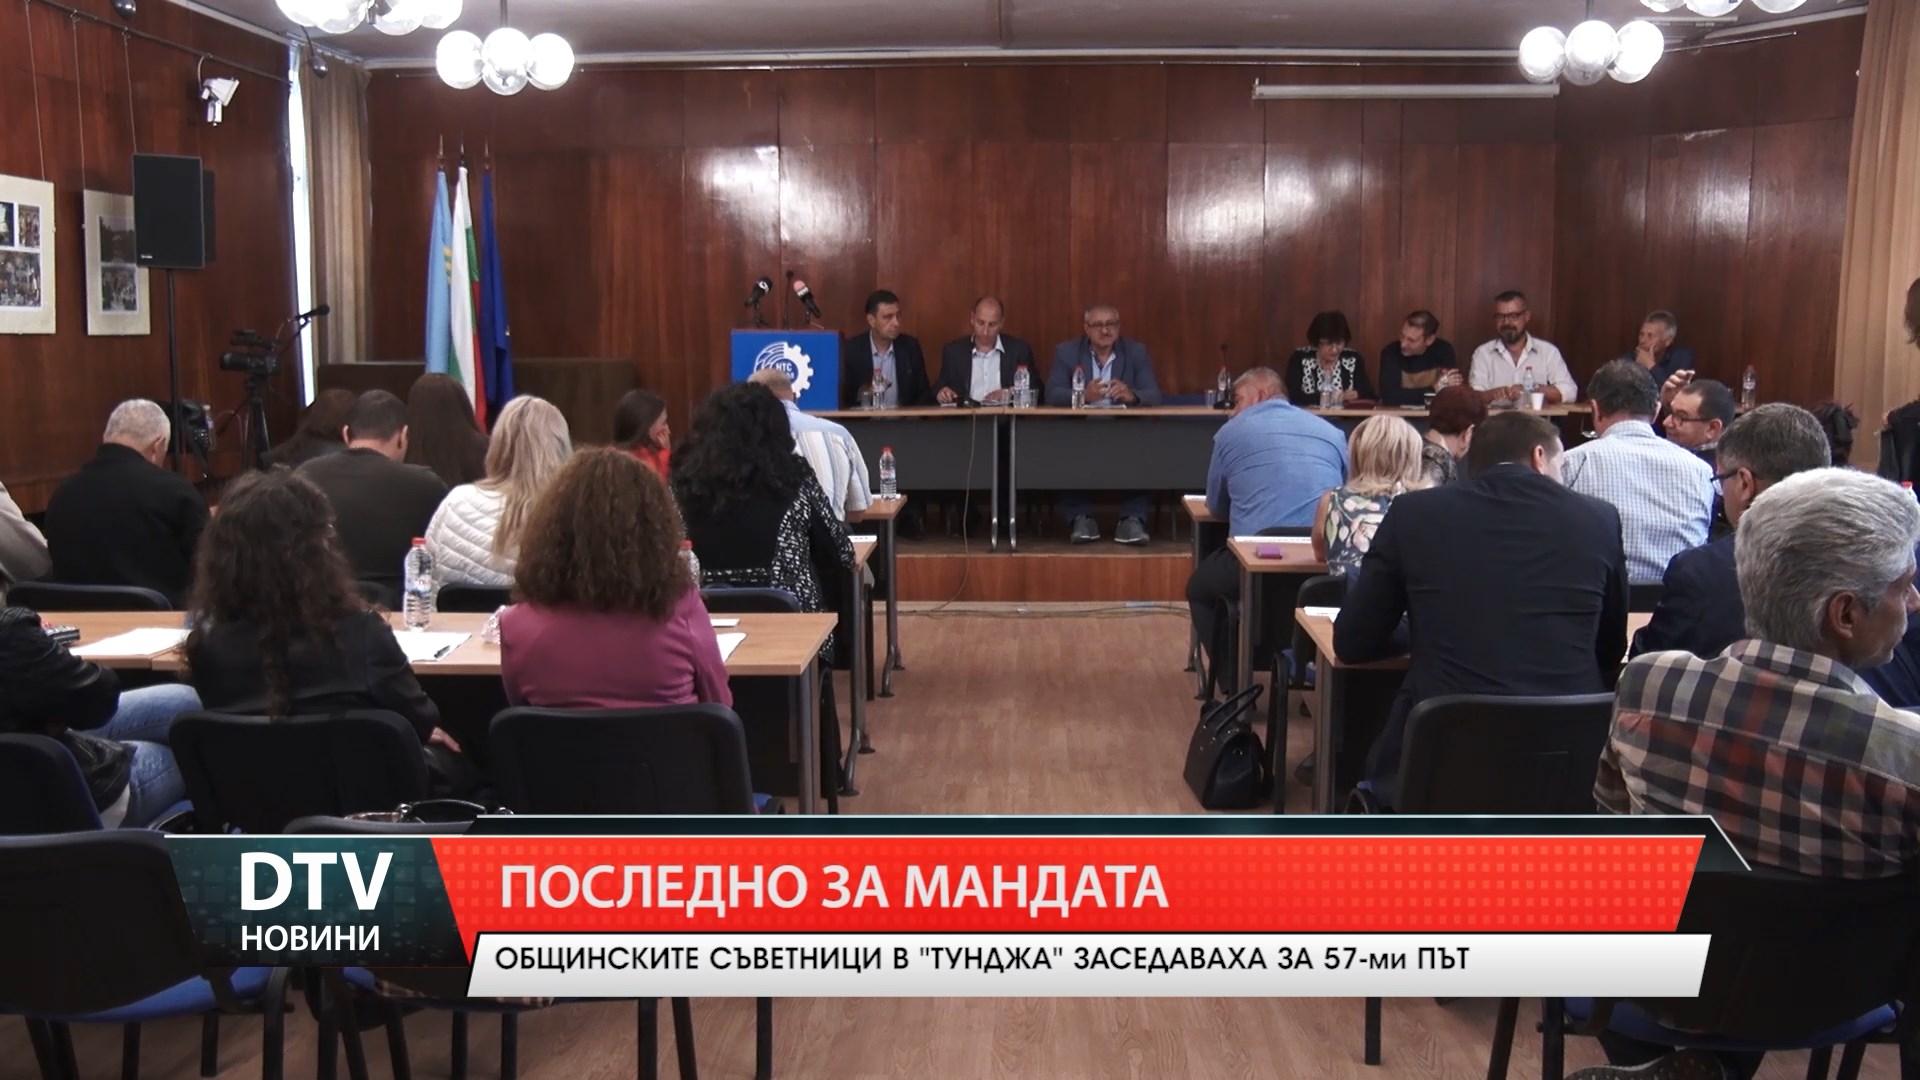 Последна сесия за мандата  в община Тунджа